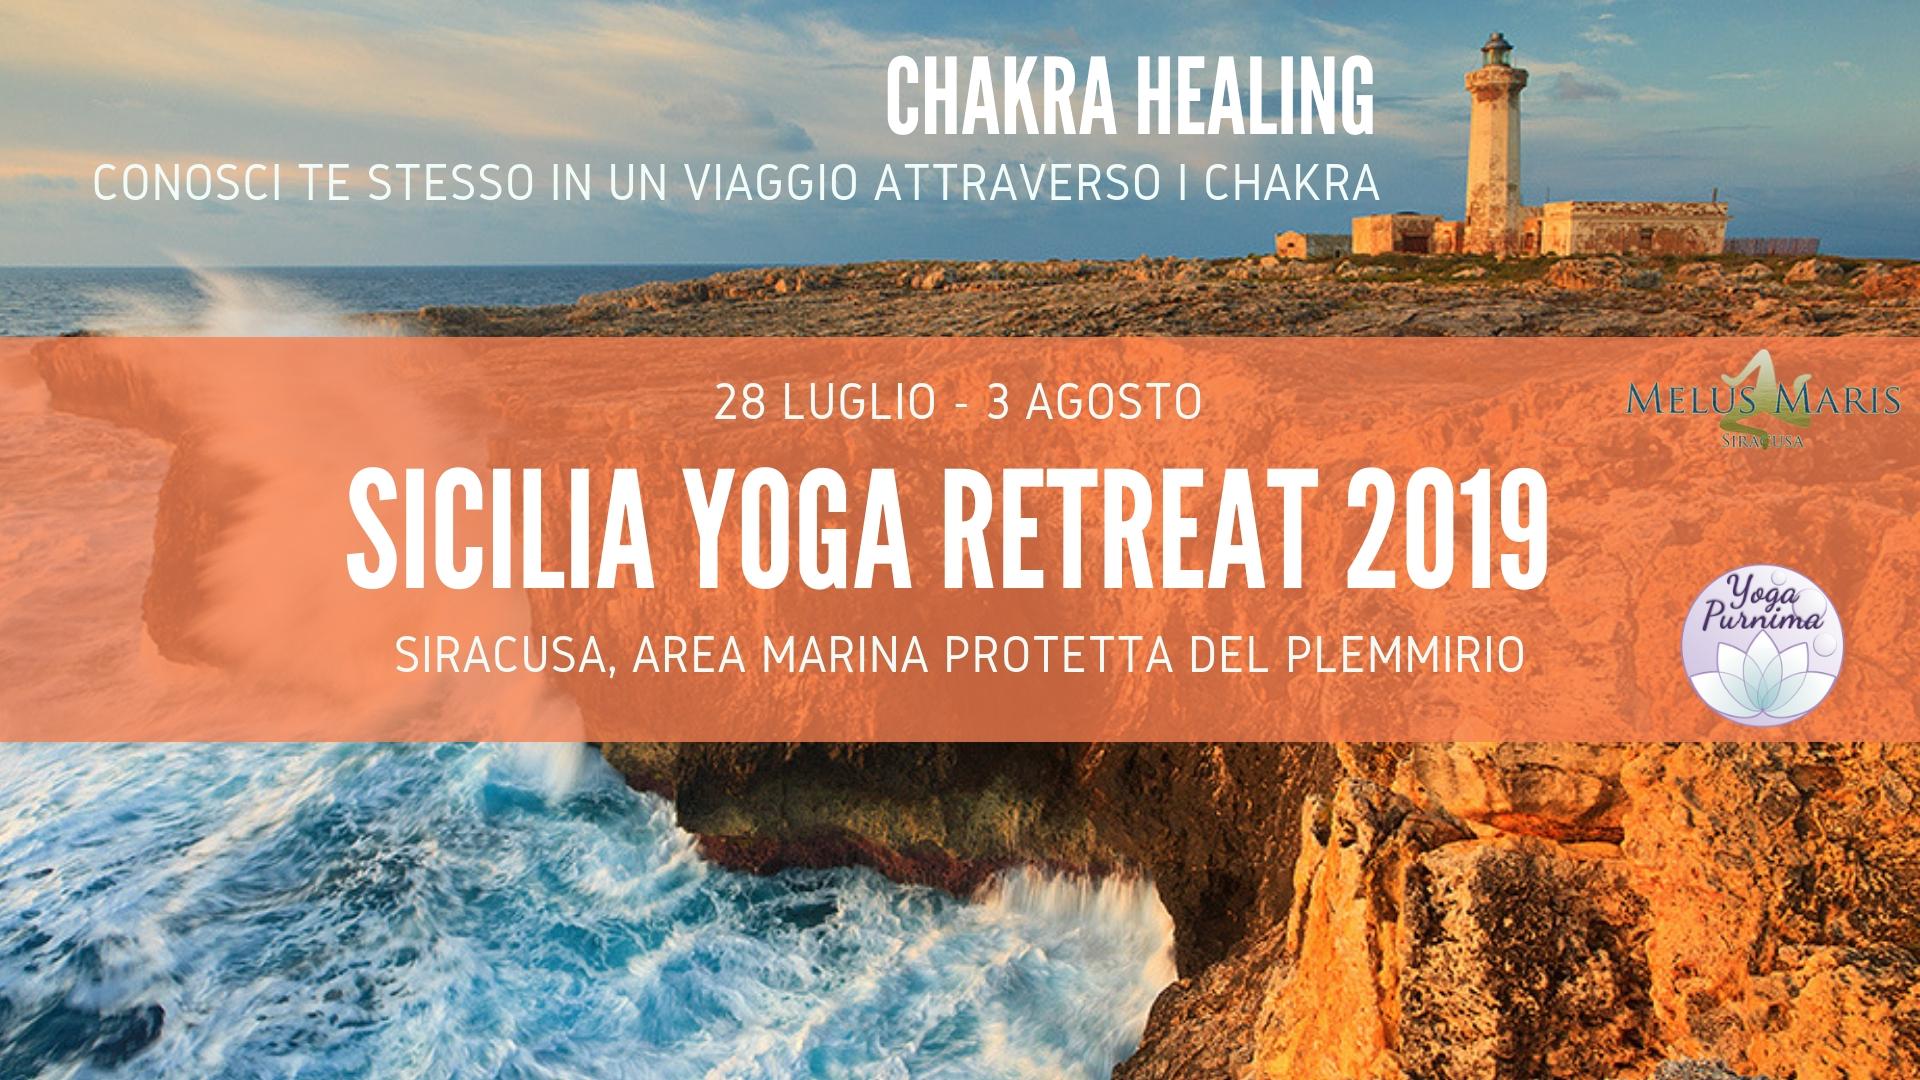 Sicilia Yoga Retreat 2019 – Siracusa 28 luglio – 3 agosto